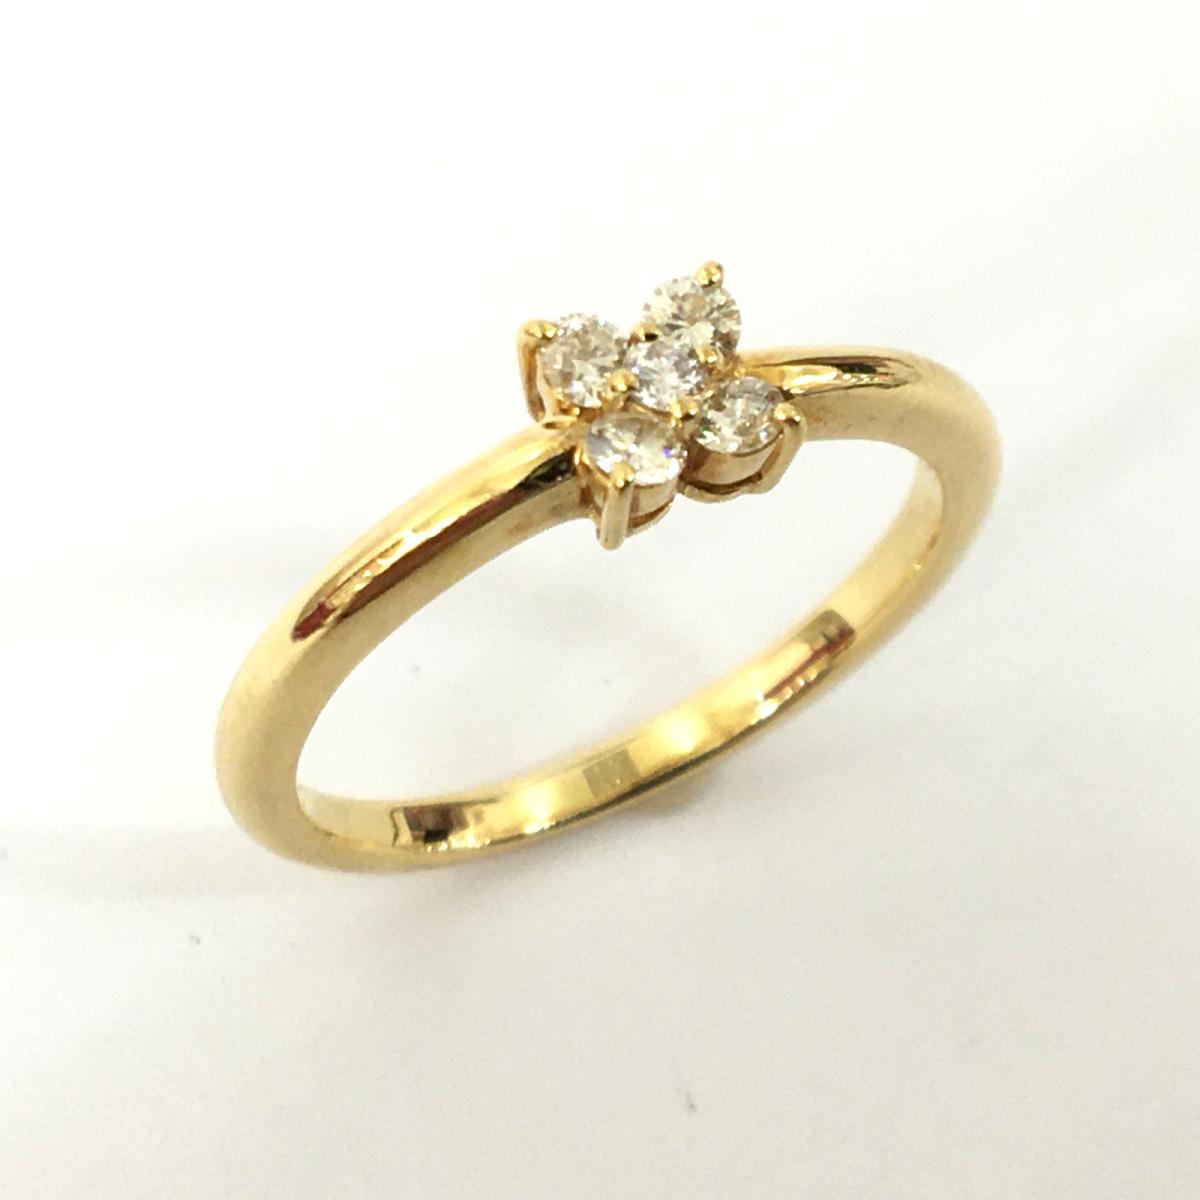 JEWELRY(ジュエリー)/ジュエリー ダイヤモンド リング 指輪 レディース/リング//K18YG(750)イエローゴールド×ダイヤモンド(0.15ct)/【ランクA】/8.5号【中古】